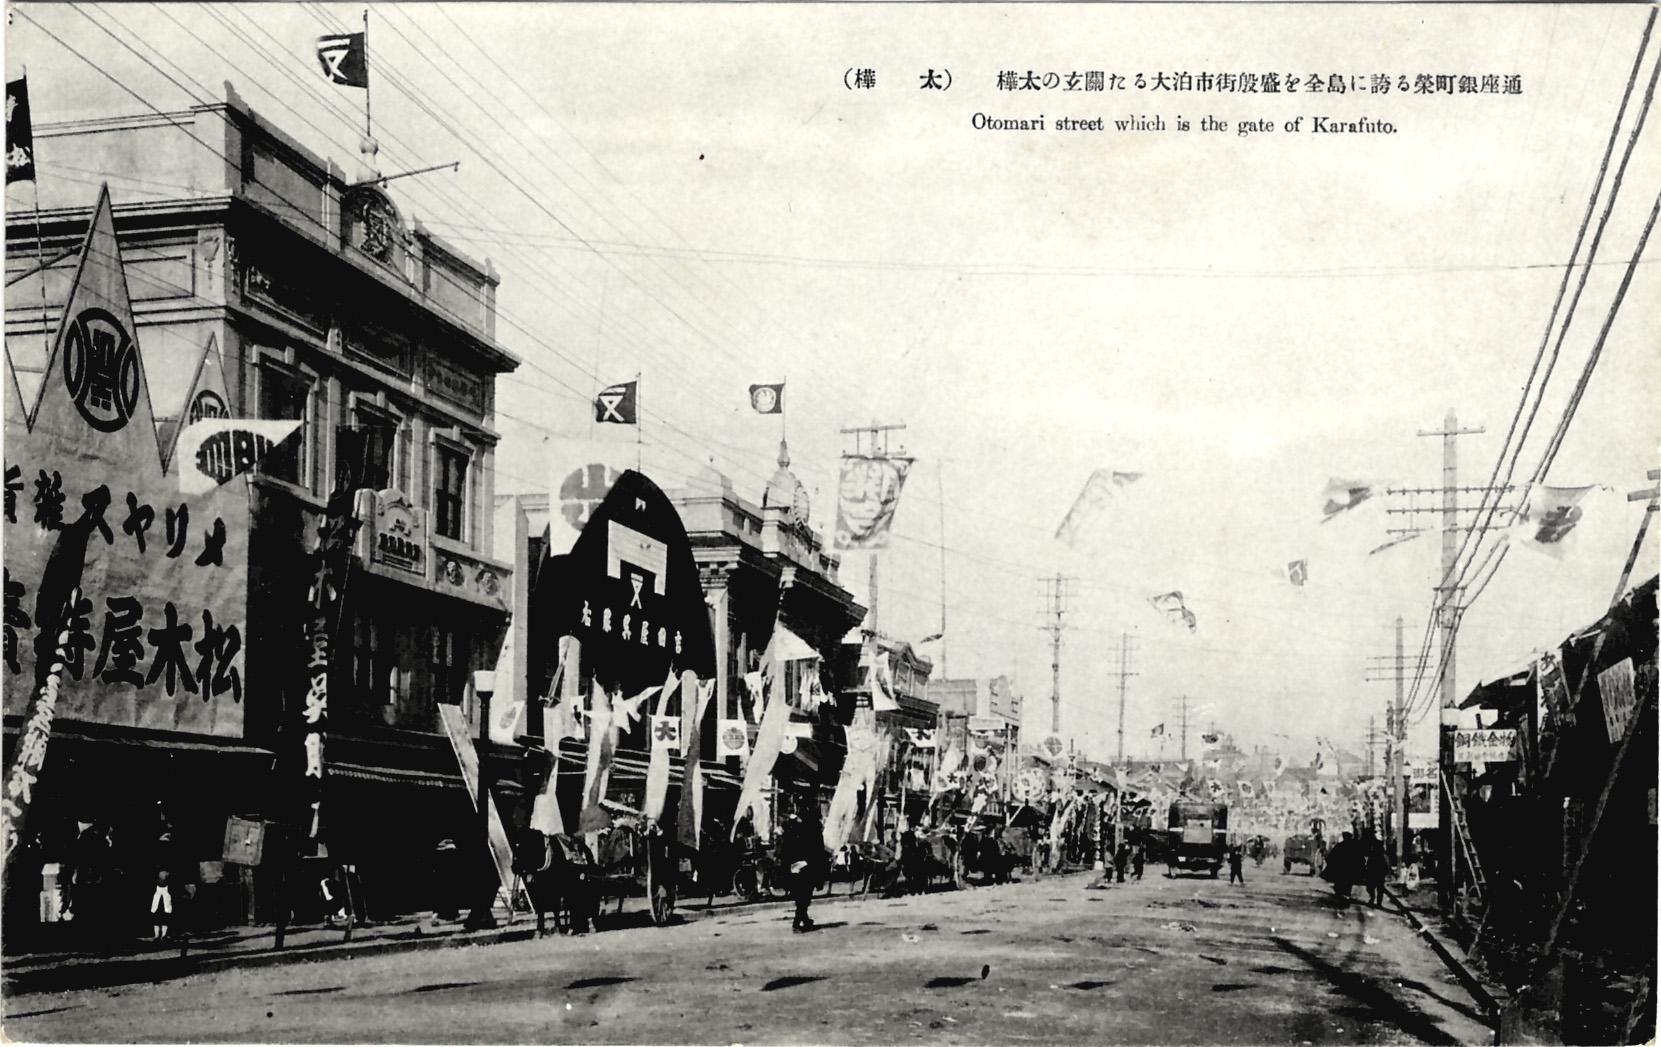 Праздничное оформление главной улицы Сакаэ в Одомари